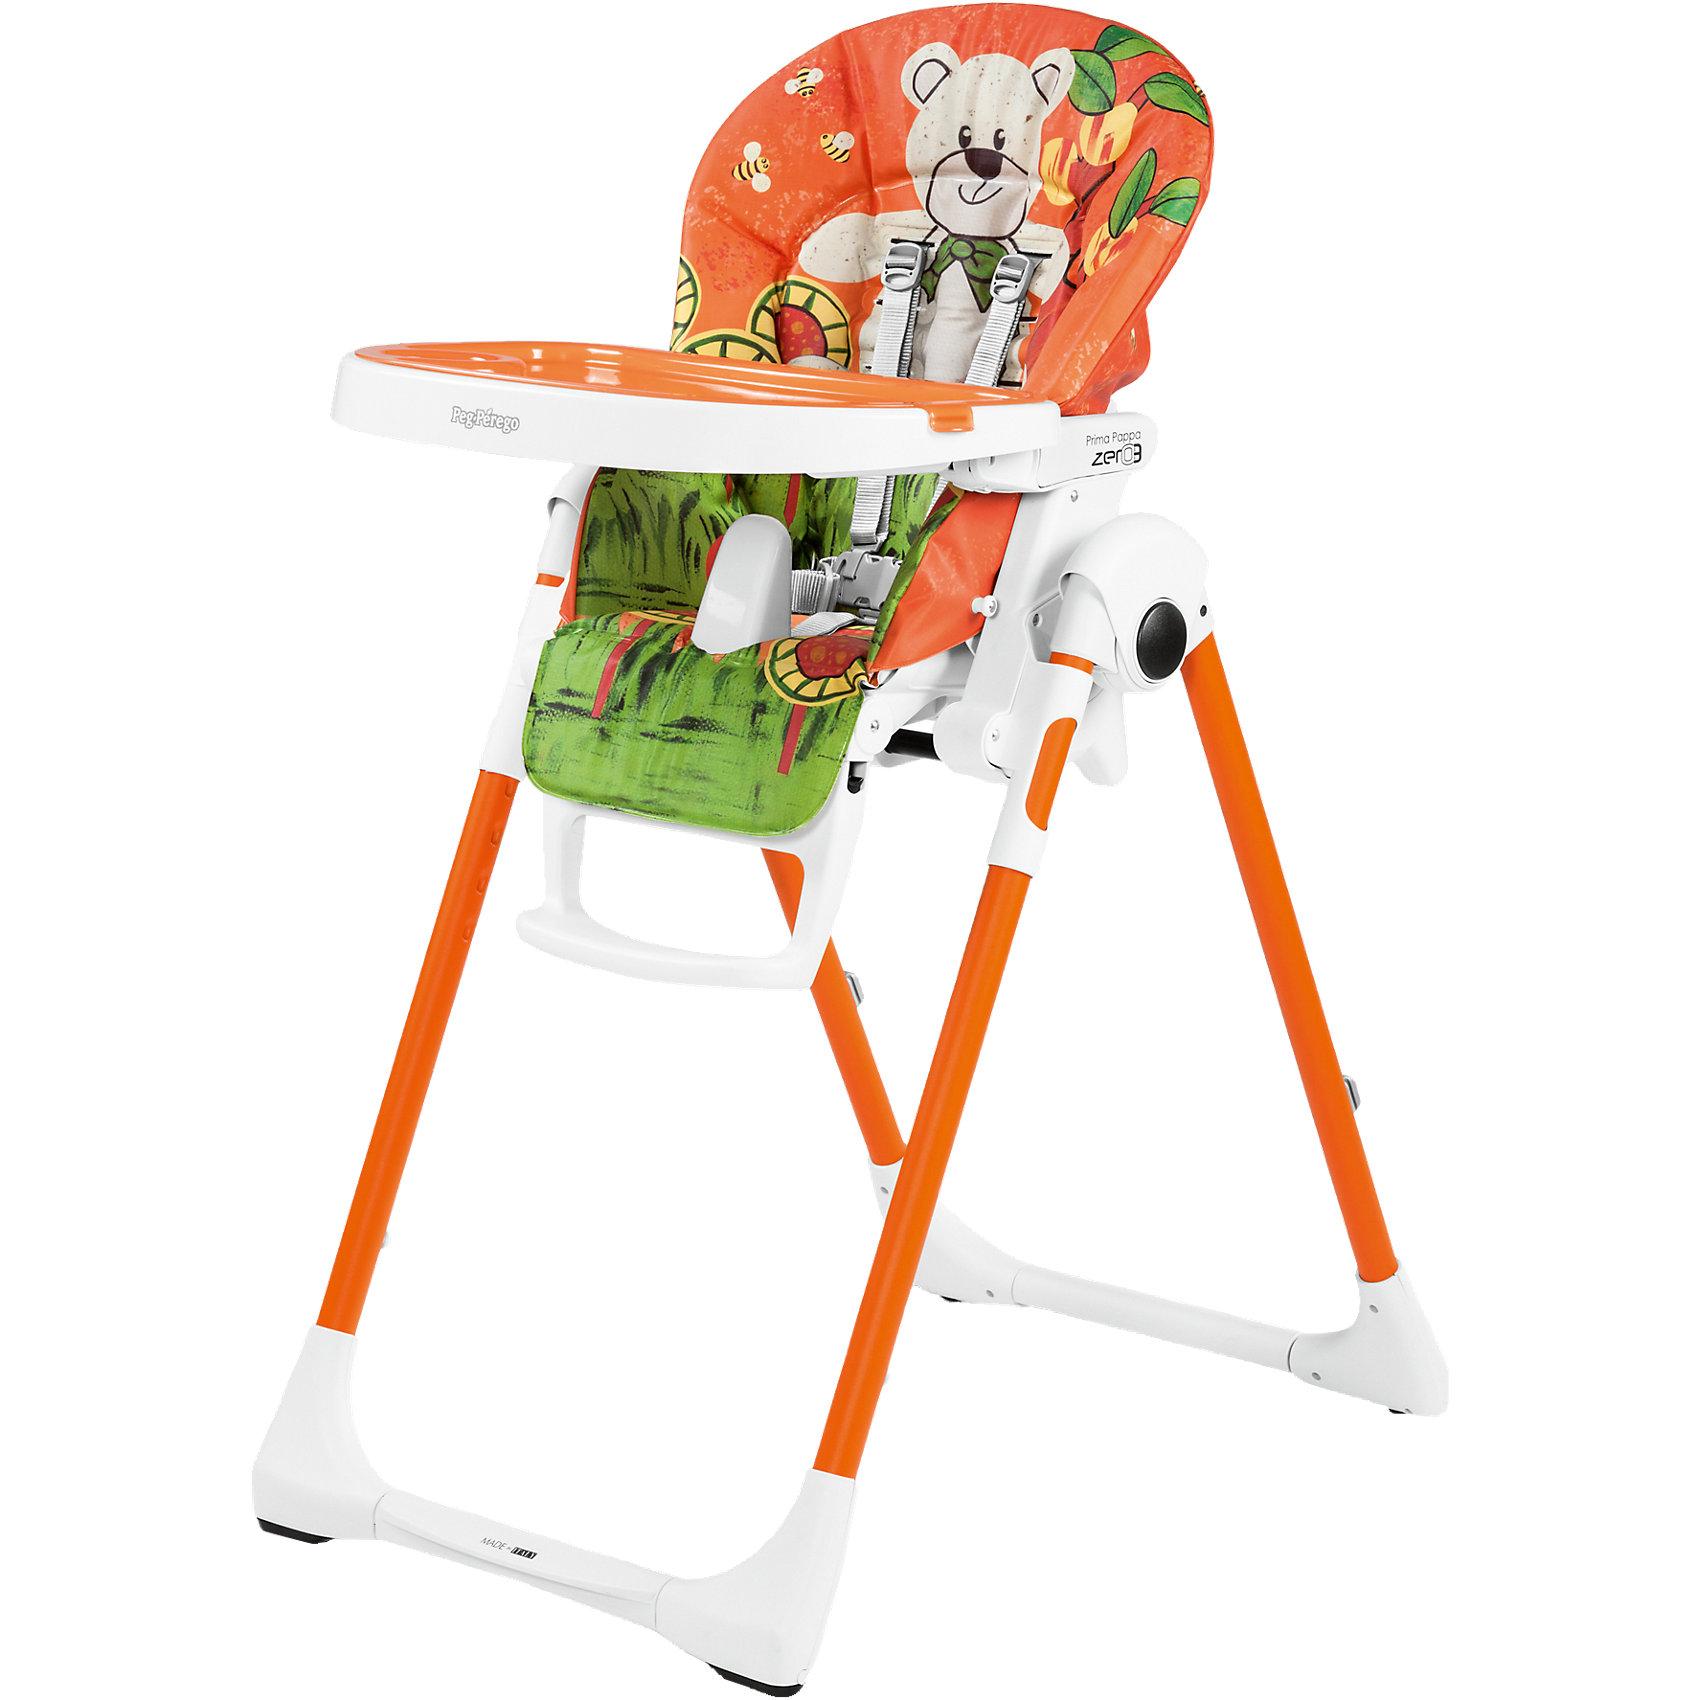 Стульчик для кормления Prima Pappa Zero3, Peg-Perego, Orso Arancio оранжевыйот рождения<br>Удобный и функциональный стульчик Prima Pappa Zero3, Peg-Perego, обеспечит комфорт и безопасность Вашего малыша во время кормления. Спинка сиденья легко регулируется в 5 положениях (вплоть до горизонтального), что позволяет использовать стульчик как для кормления так<br>и для игр и сна. Широкое и эргономичное мягкое сиденье будет удобно как малышу, так и ребенку постарше. Стульчик оснащен регулируемыми 5-точечными ремнями безопасности, а планка-разделитель для ножек под столиком не даст малышу соскользнуть. Высота стула<br>регулируется в 7 положениях, выбрав самое низкое положение и убрав столик, Вы легко трансформируете стул для кормления в низкий безопасный детский стульчик, куда ребенок может садиться сам. Подножка регулируется в 3 позициях, позволяя выбрать оптимальное для ребенка<br>положение. <br><br>Широкий съемный столик оснащен подносом с отделениями для кружки или стакана, поднос можно снять для быстрой чистки и использовать основную поверхность для игр и занятий. Для детей постарше стул можно использовать без столика для кормления, придвинув его к столу<br>для взрослых. Ножки оснащены колесиками с блокираторами, что позволяет легко перемещать стульчик по комнате. Чехол легко снимаются для чистки. Стульчик легко и компактно складывается и занимает мало места при хранении. Подходит для детей в возрасте от 0<br>месяцев до 3 лет.<br><br>Дополнительная информация:<br><br>- Цвет: оранжевый.<br>- Материал: пластик, ПВХ.<br>- Размер в разложенном состоянии: 55 х 76 х 105 см. <br>- Размер в сложенном состоянии: 58 х 28,5 х 103,5 cм. <br>- Вес: 7,6 кг.<br><br>Стульчик для кормления Prima Pappa Zero3, Peg-Perego, Orso Arancio оранжевый, можно купить в нашем интернет-магазине.<br><br>Ширина мм: 930<br>Глубина мм: 560<br>Высота мм: 300<br>Вес г: 10040<br>Цвет: orange/gelb<br>Возраст от месяцев: 0<br>Возраст до месяцев: 36<br>Пол: Унисекс<br>Возраст: Детский<br>SKU: 4593828